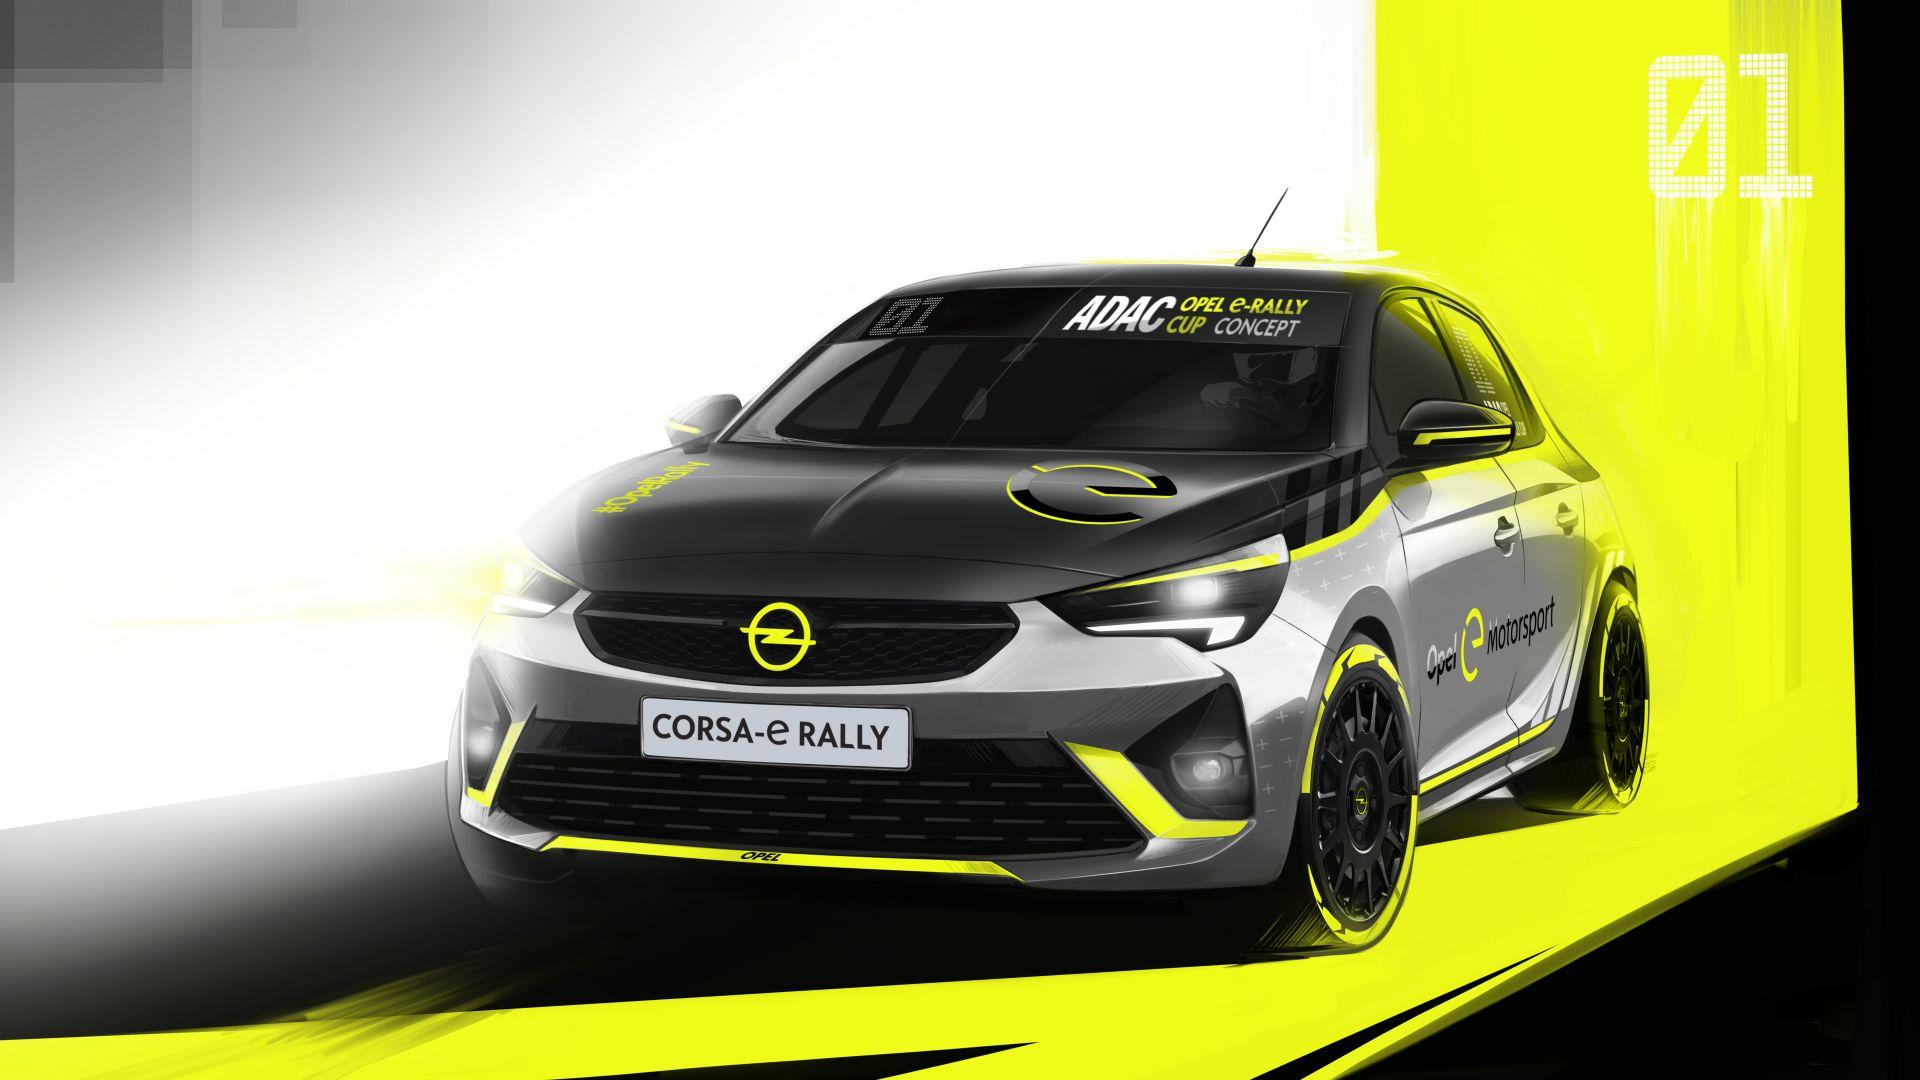 nuova opel corsa e-rally elettrica da gara pronta nel 2021